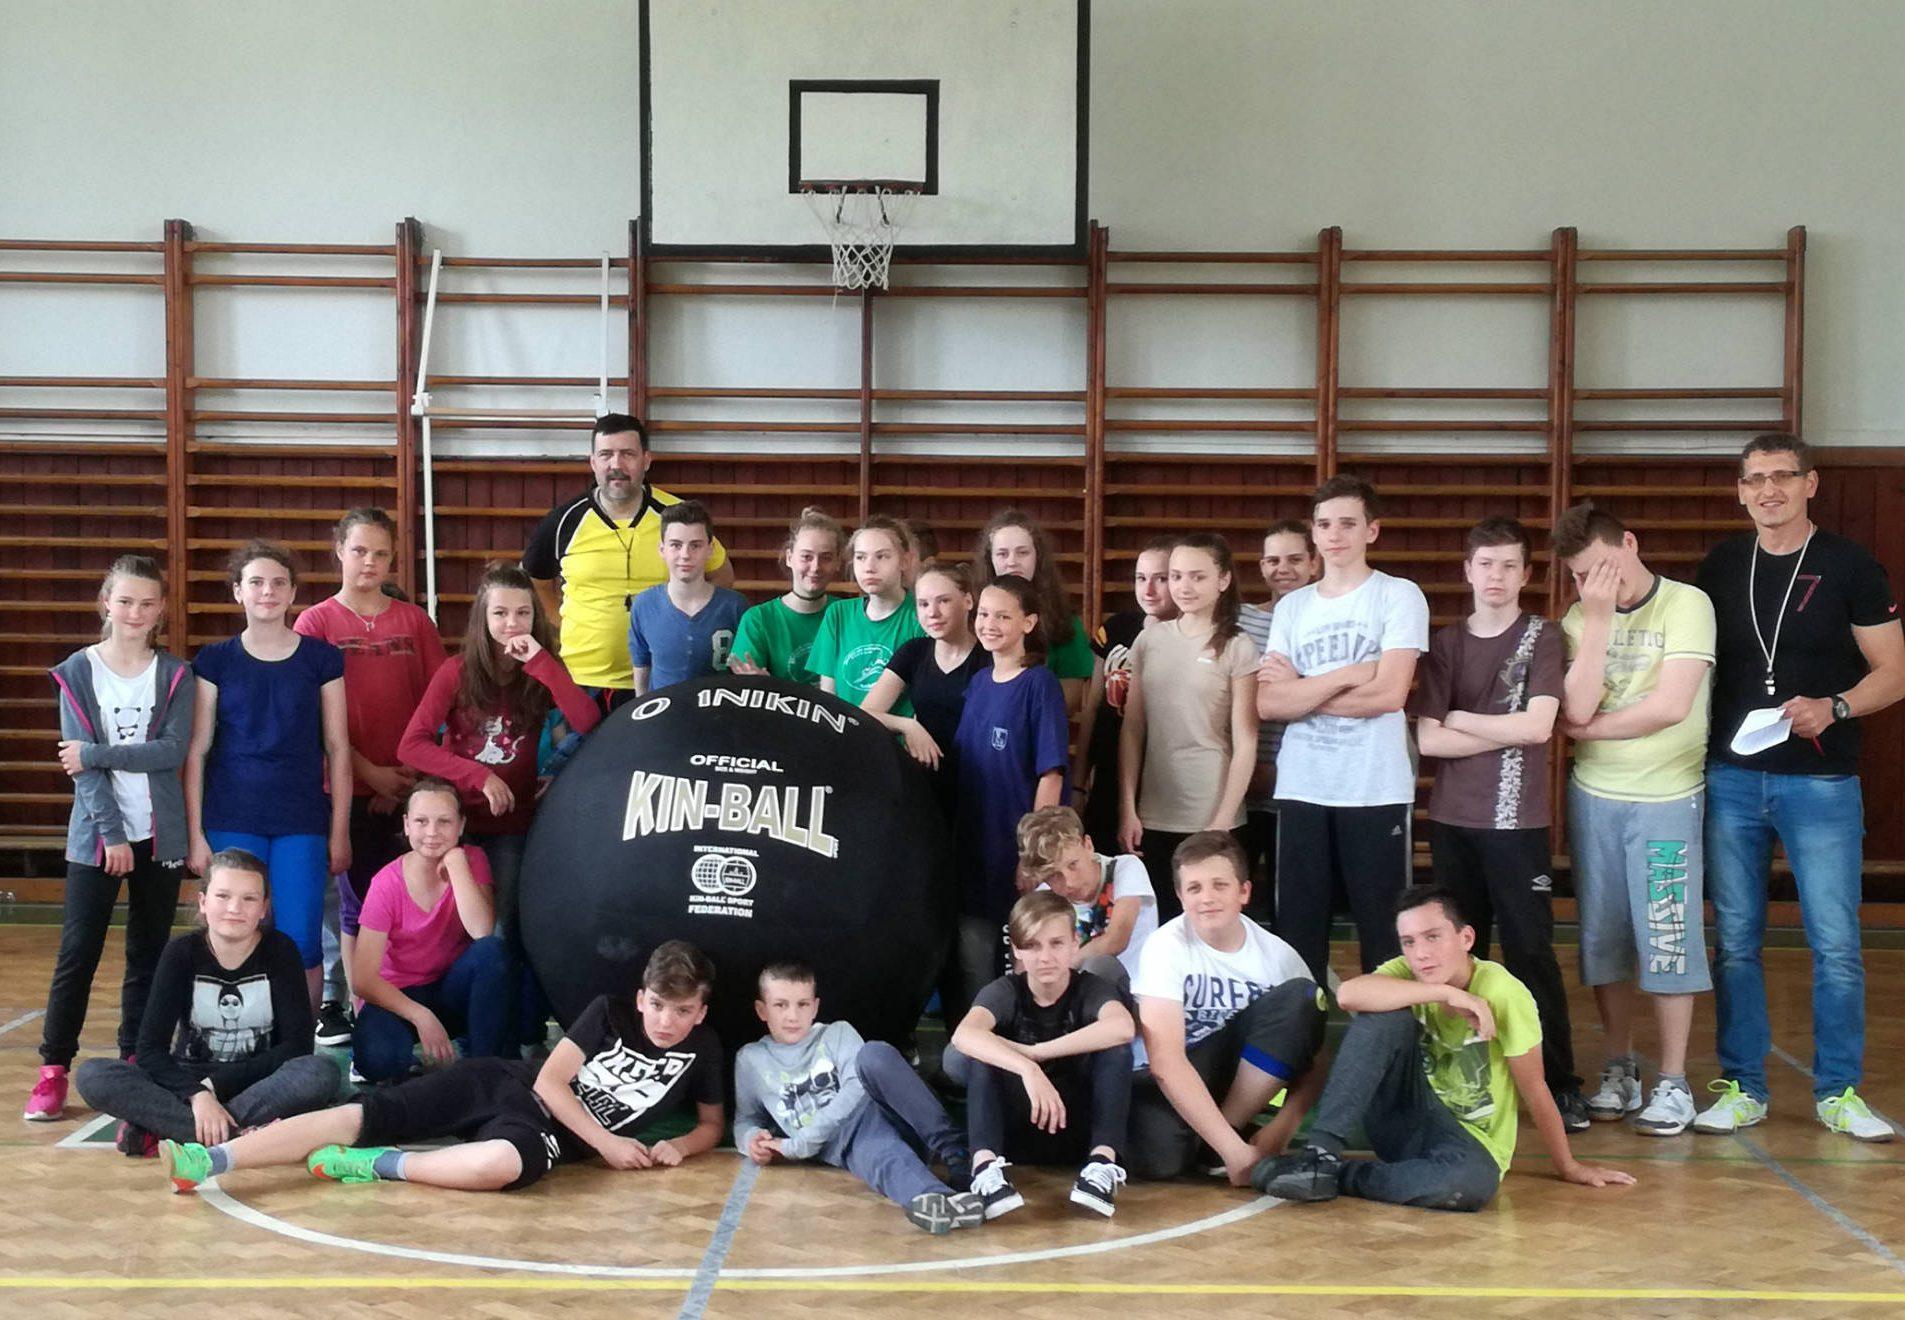 Telesná výchova môže byť zábavná a nestresujúca naozaj pre všetkých, ukazuje učiteľ Miroslav Kseňák